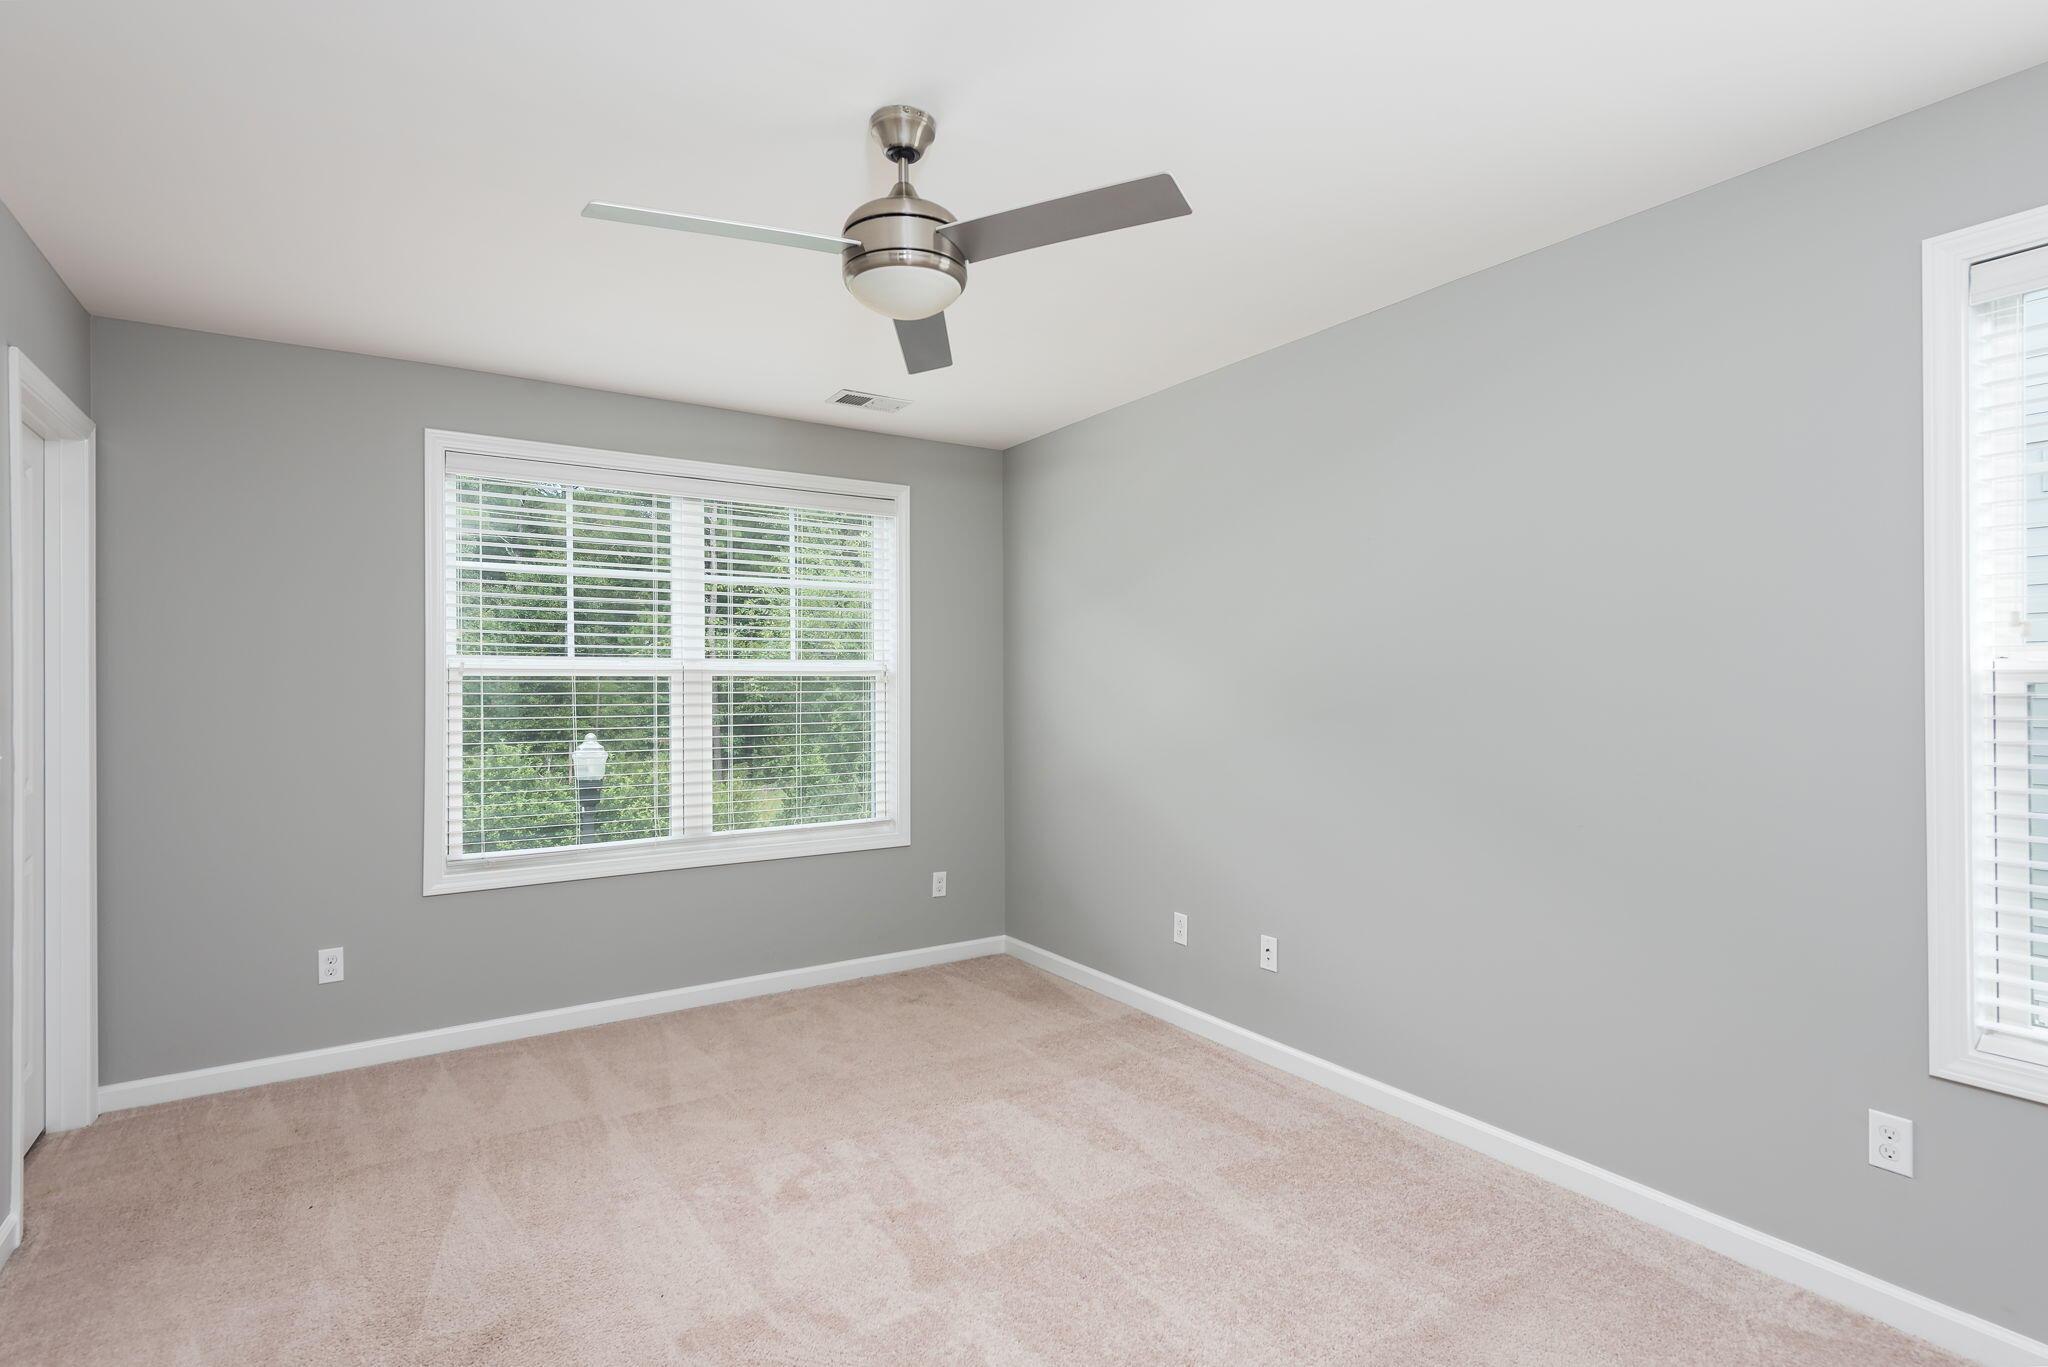 Park West Homes For Sale - 1656 Bridwell Lane, Mount Pleasant, SC - 32